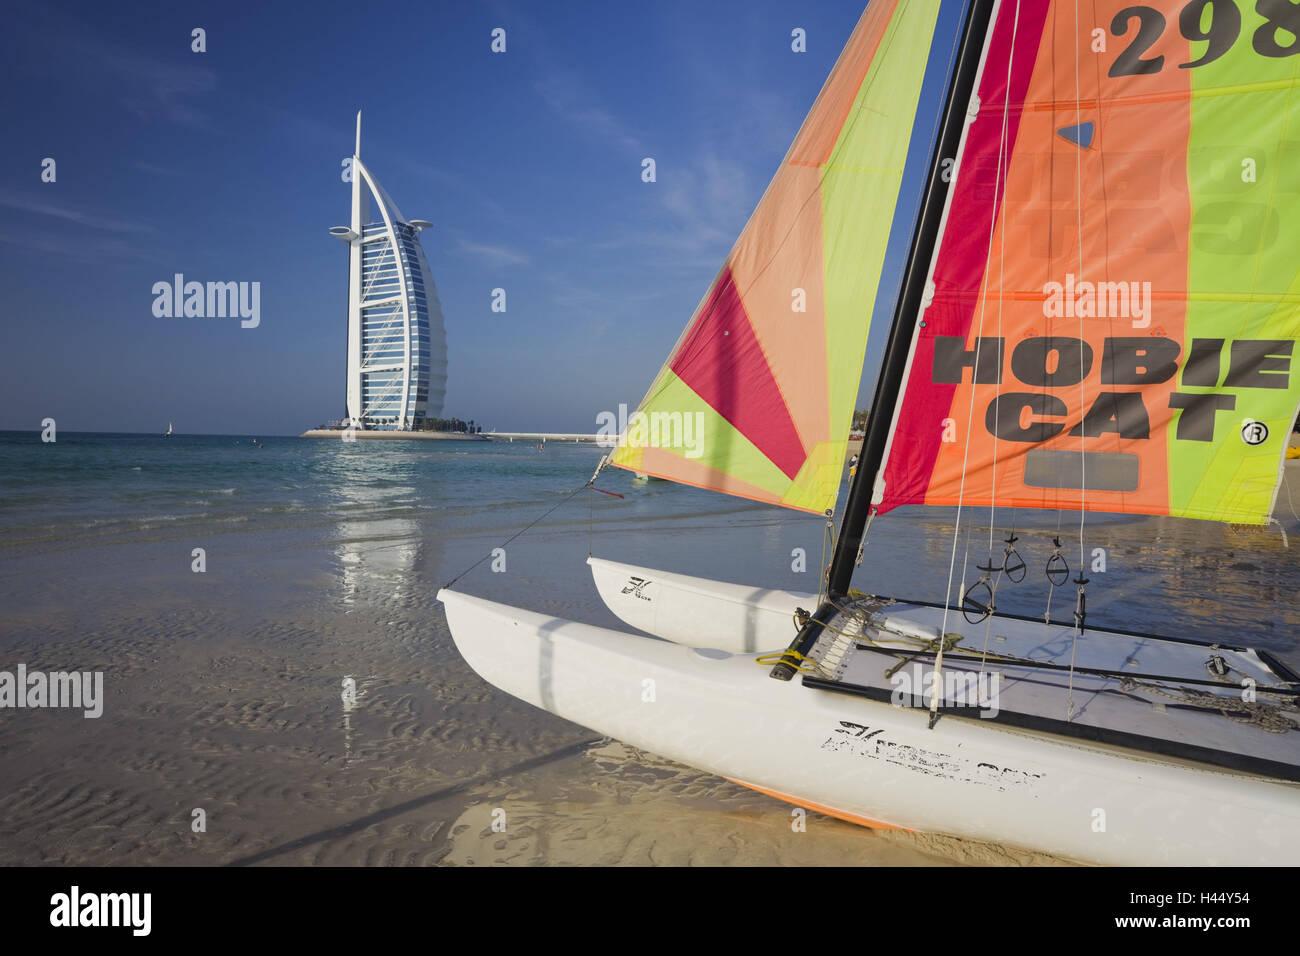 United Arab Emirates, Dubai, Burj Al Arab, Jumeirah Beach, beach, catamaran, - Stock Image